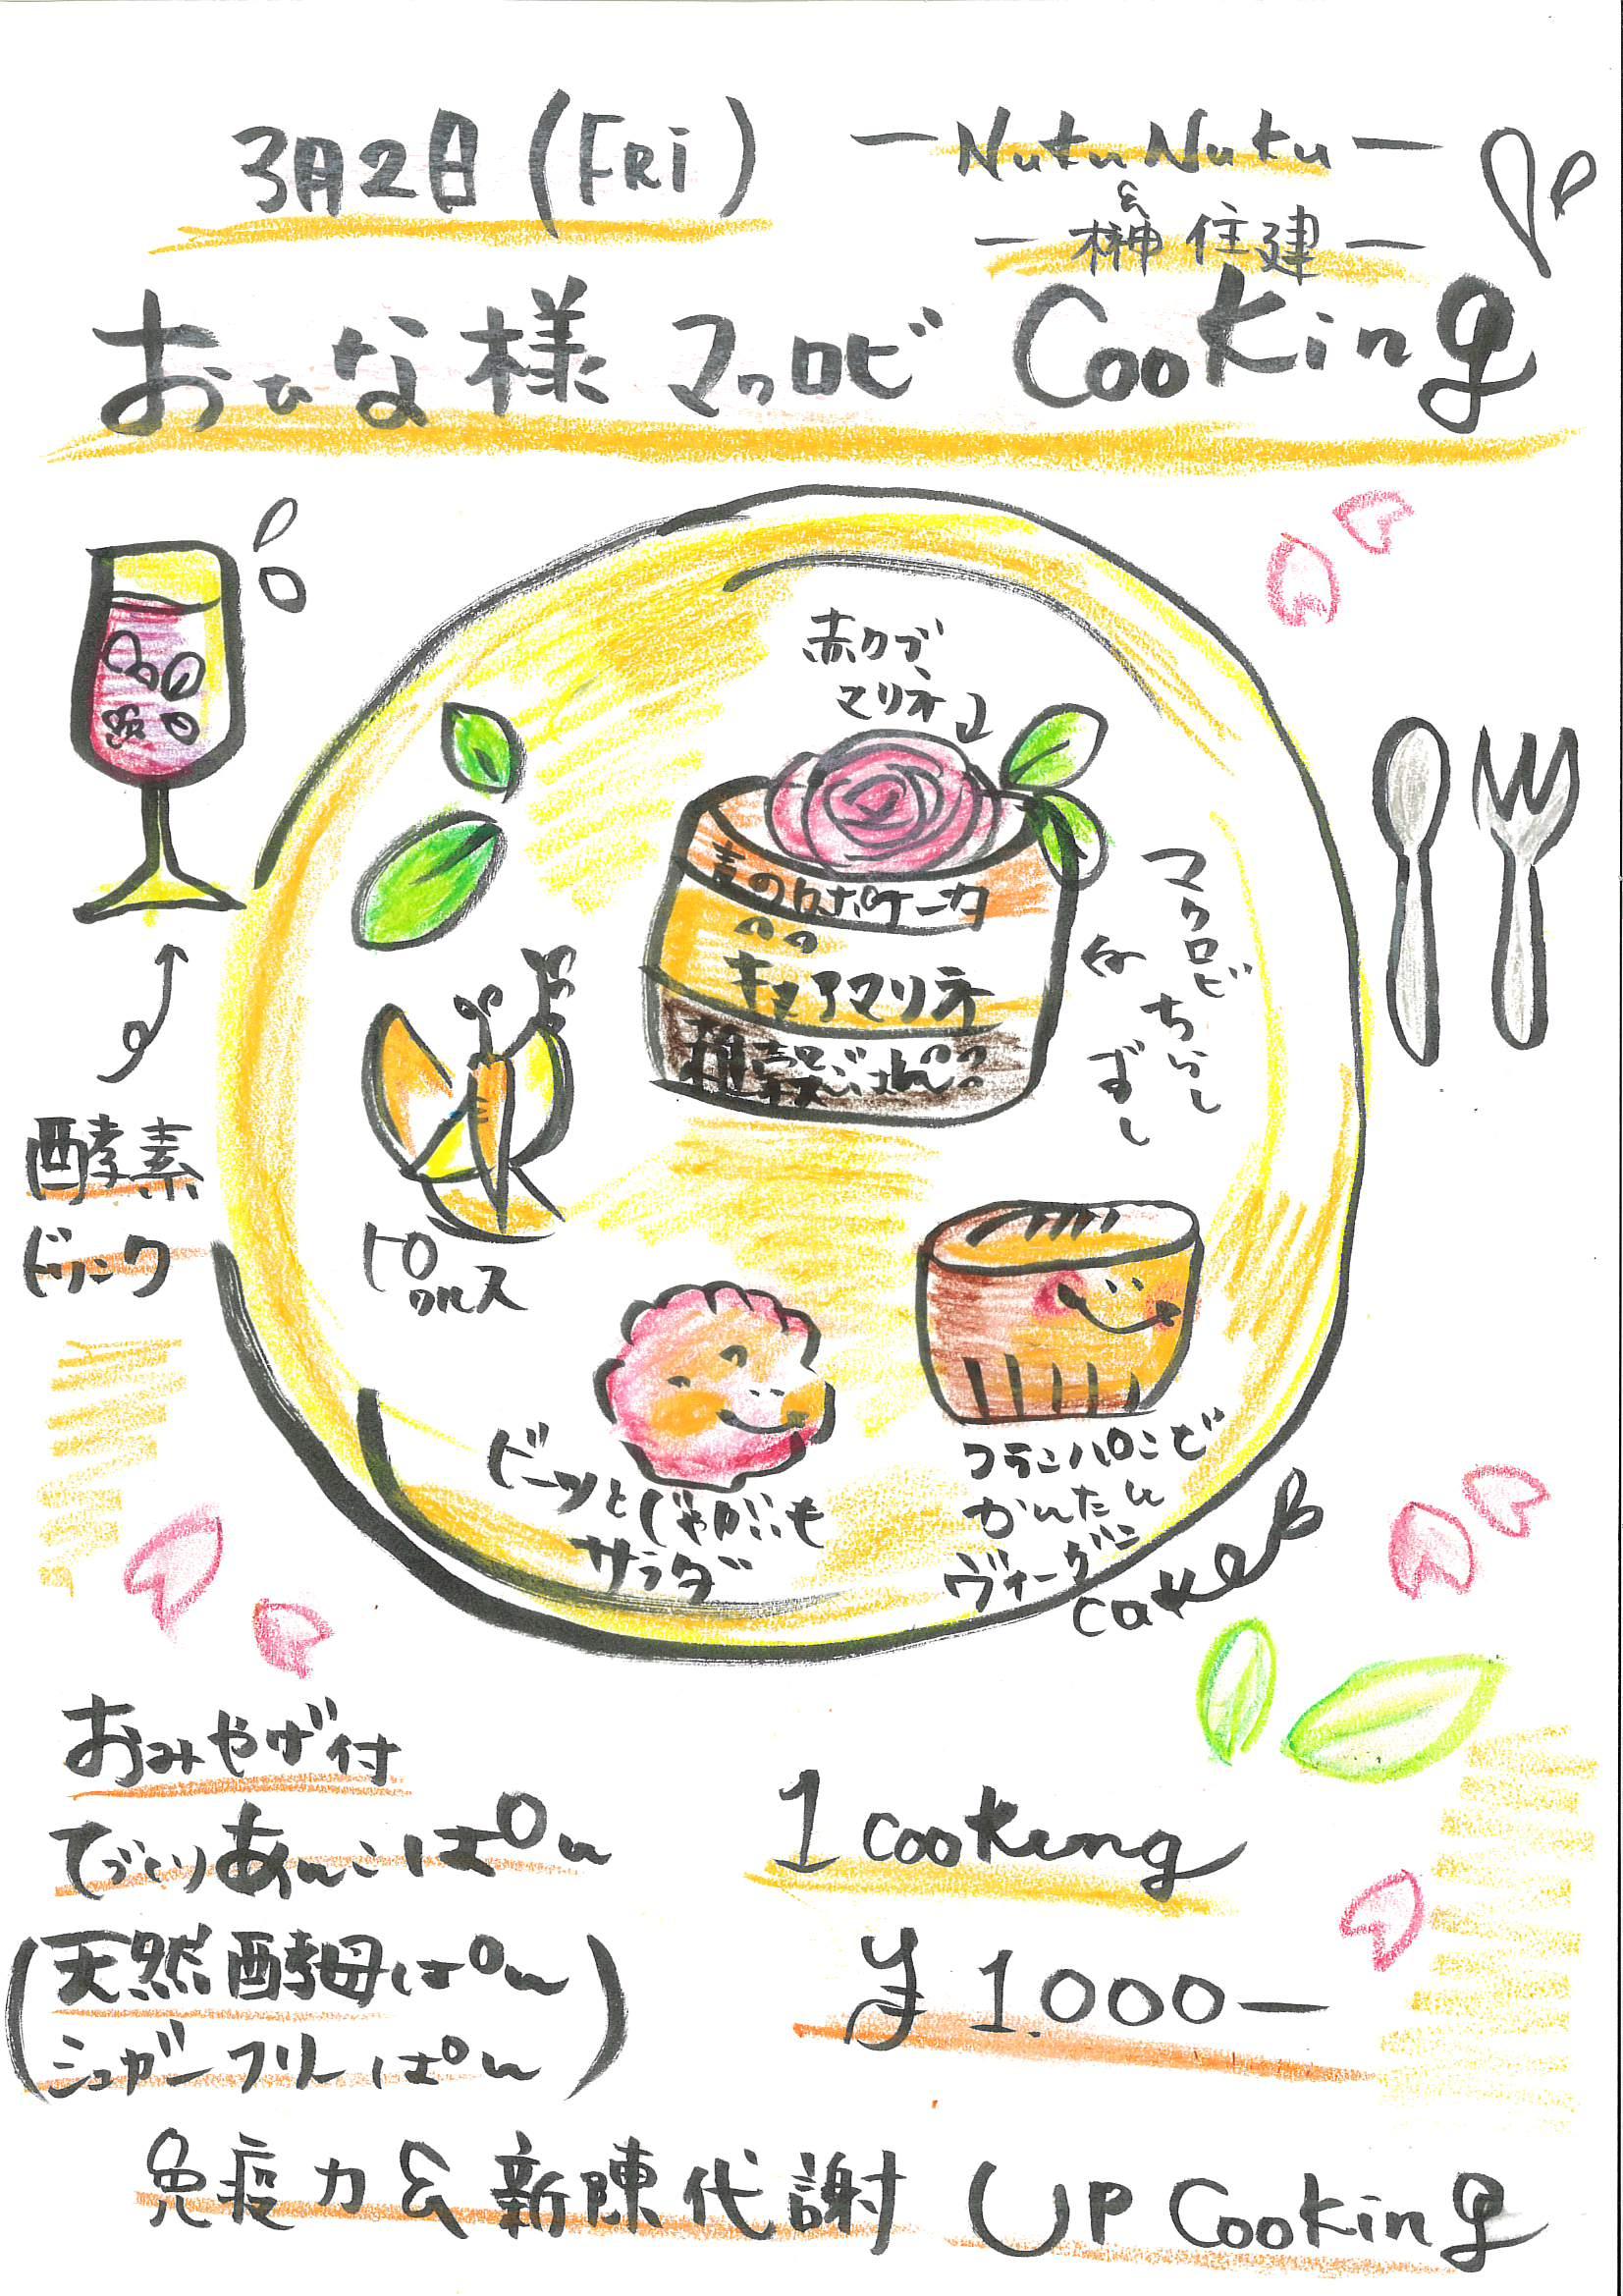 3/2(金) 【おひな様 マクロビCooking】 at さいたま市南区